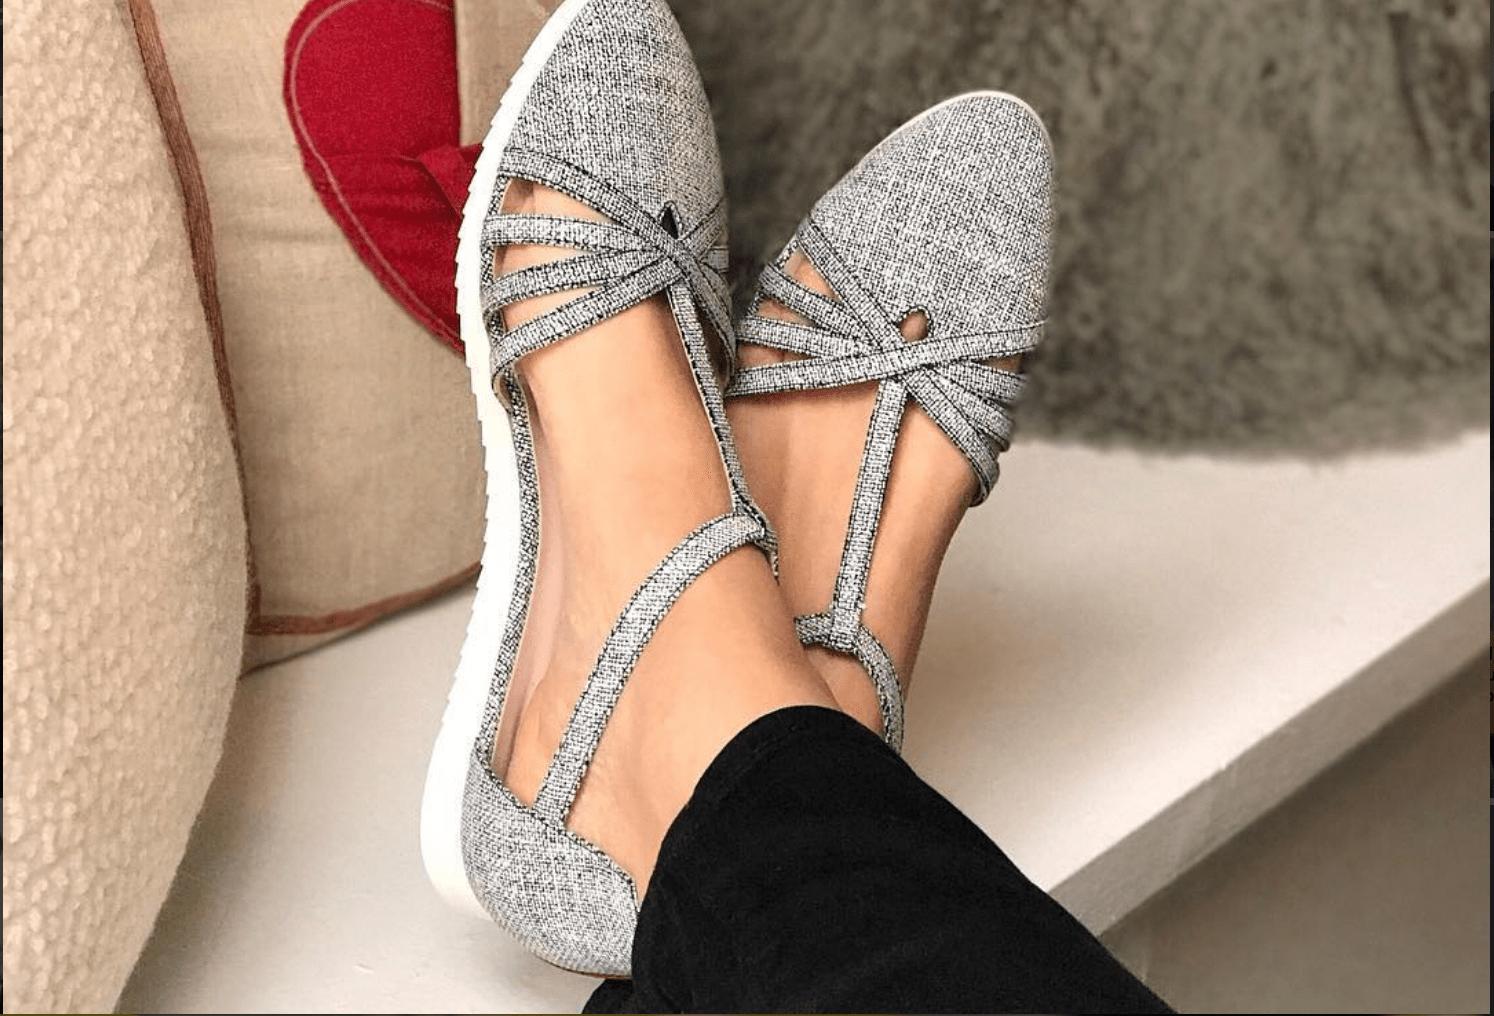 Collezione Jessica Paio Di Un Parker Sarah Sua Scarpe La Per Sneakers x6awdz